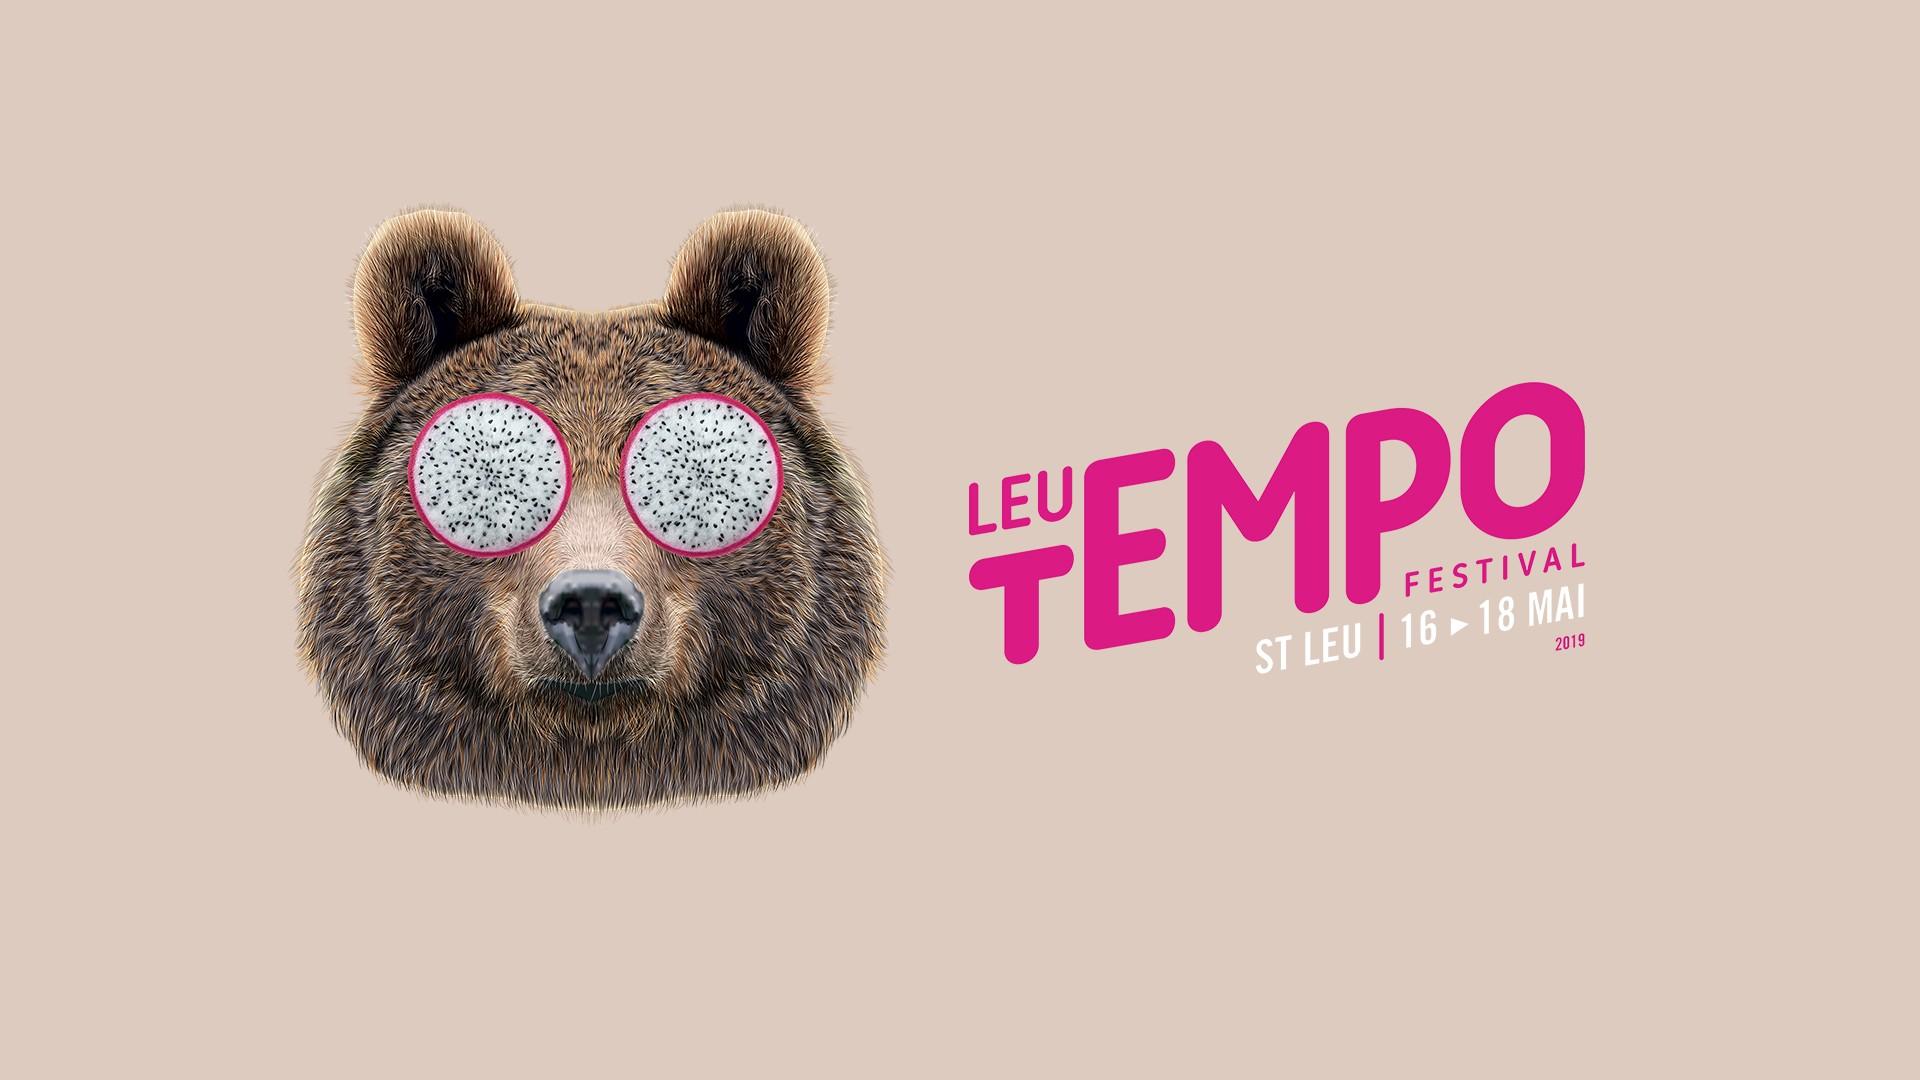 Leu Tempo Festival